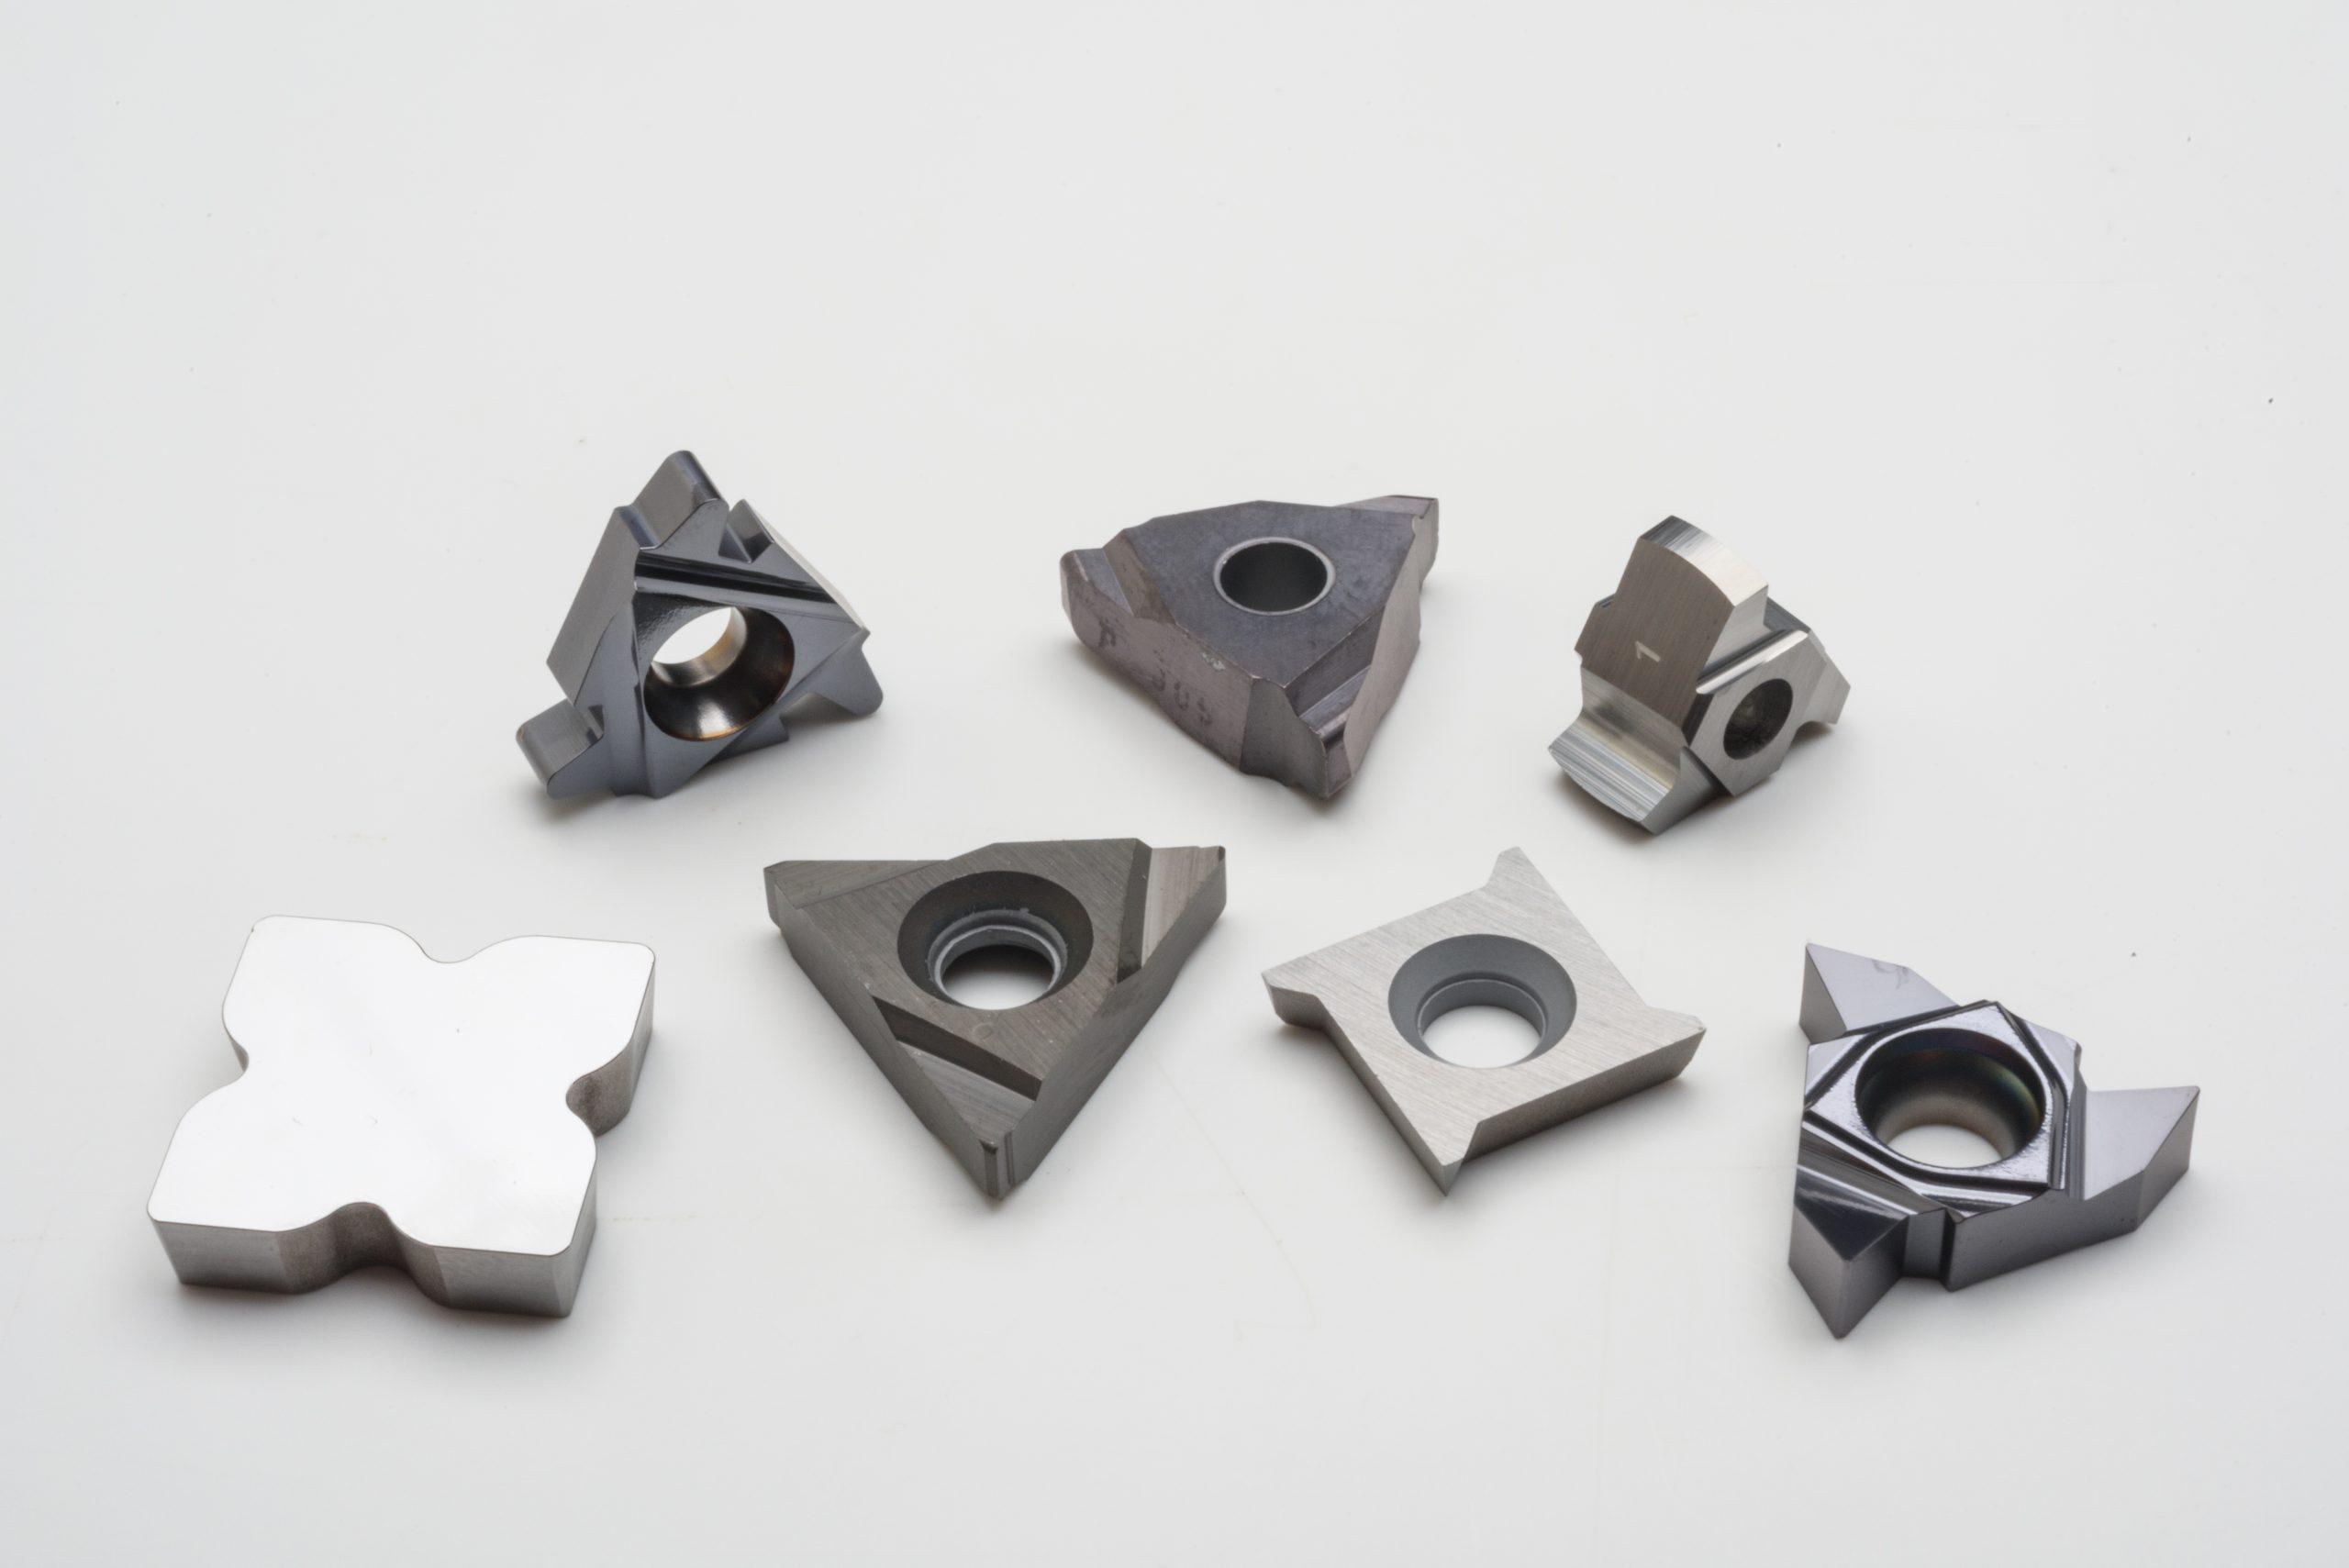 carbide north american carbide